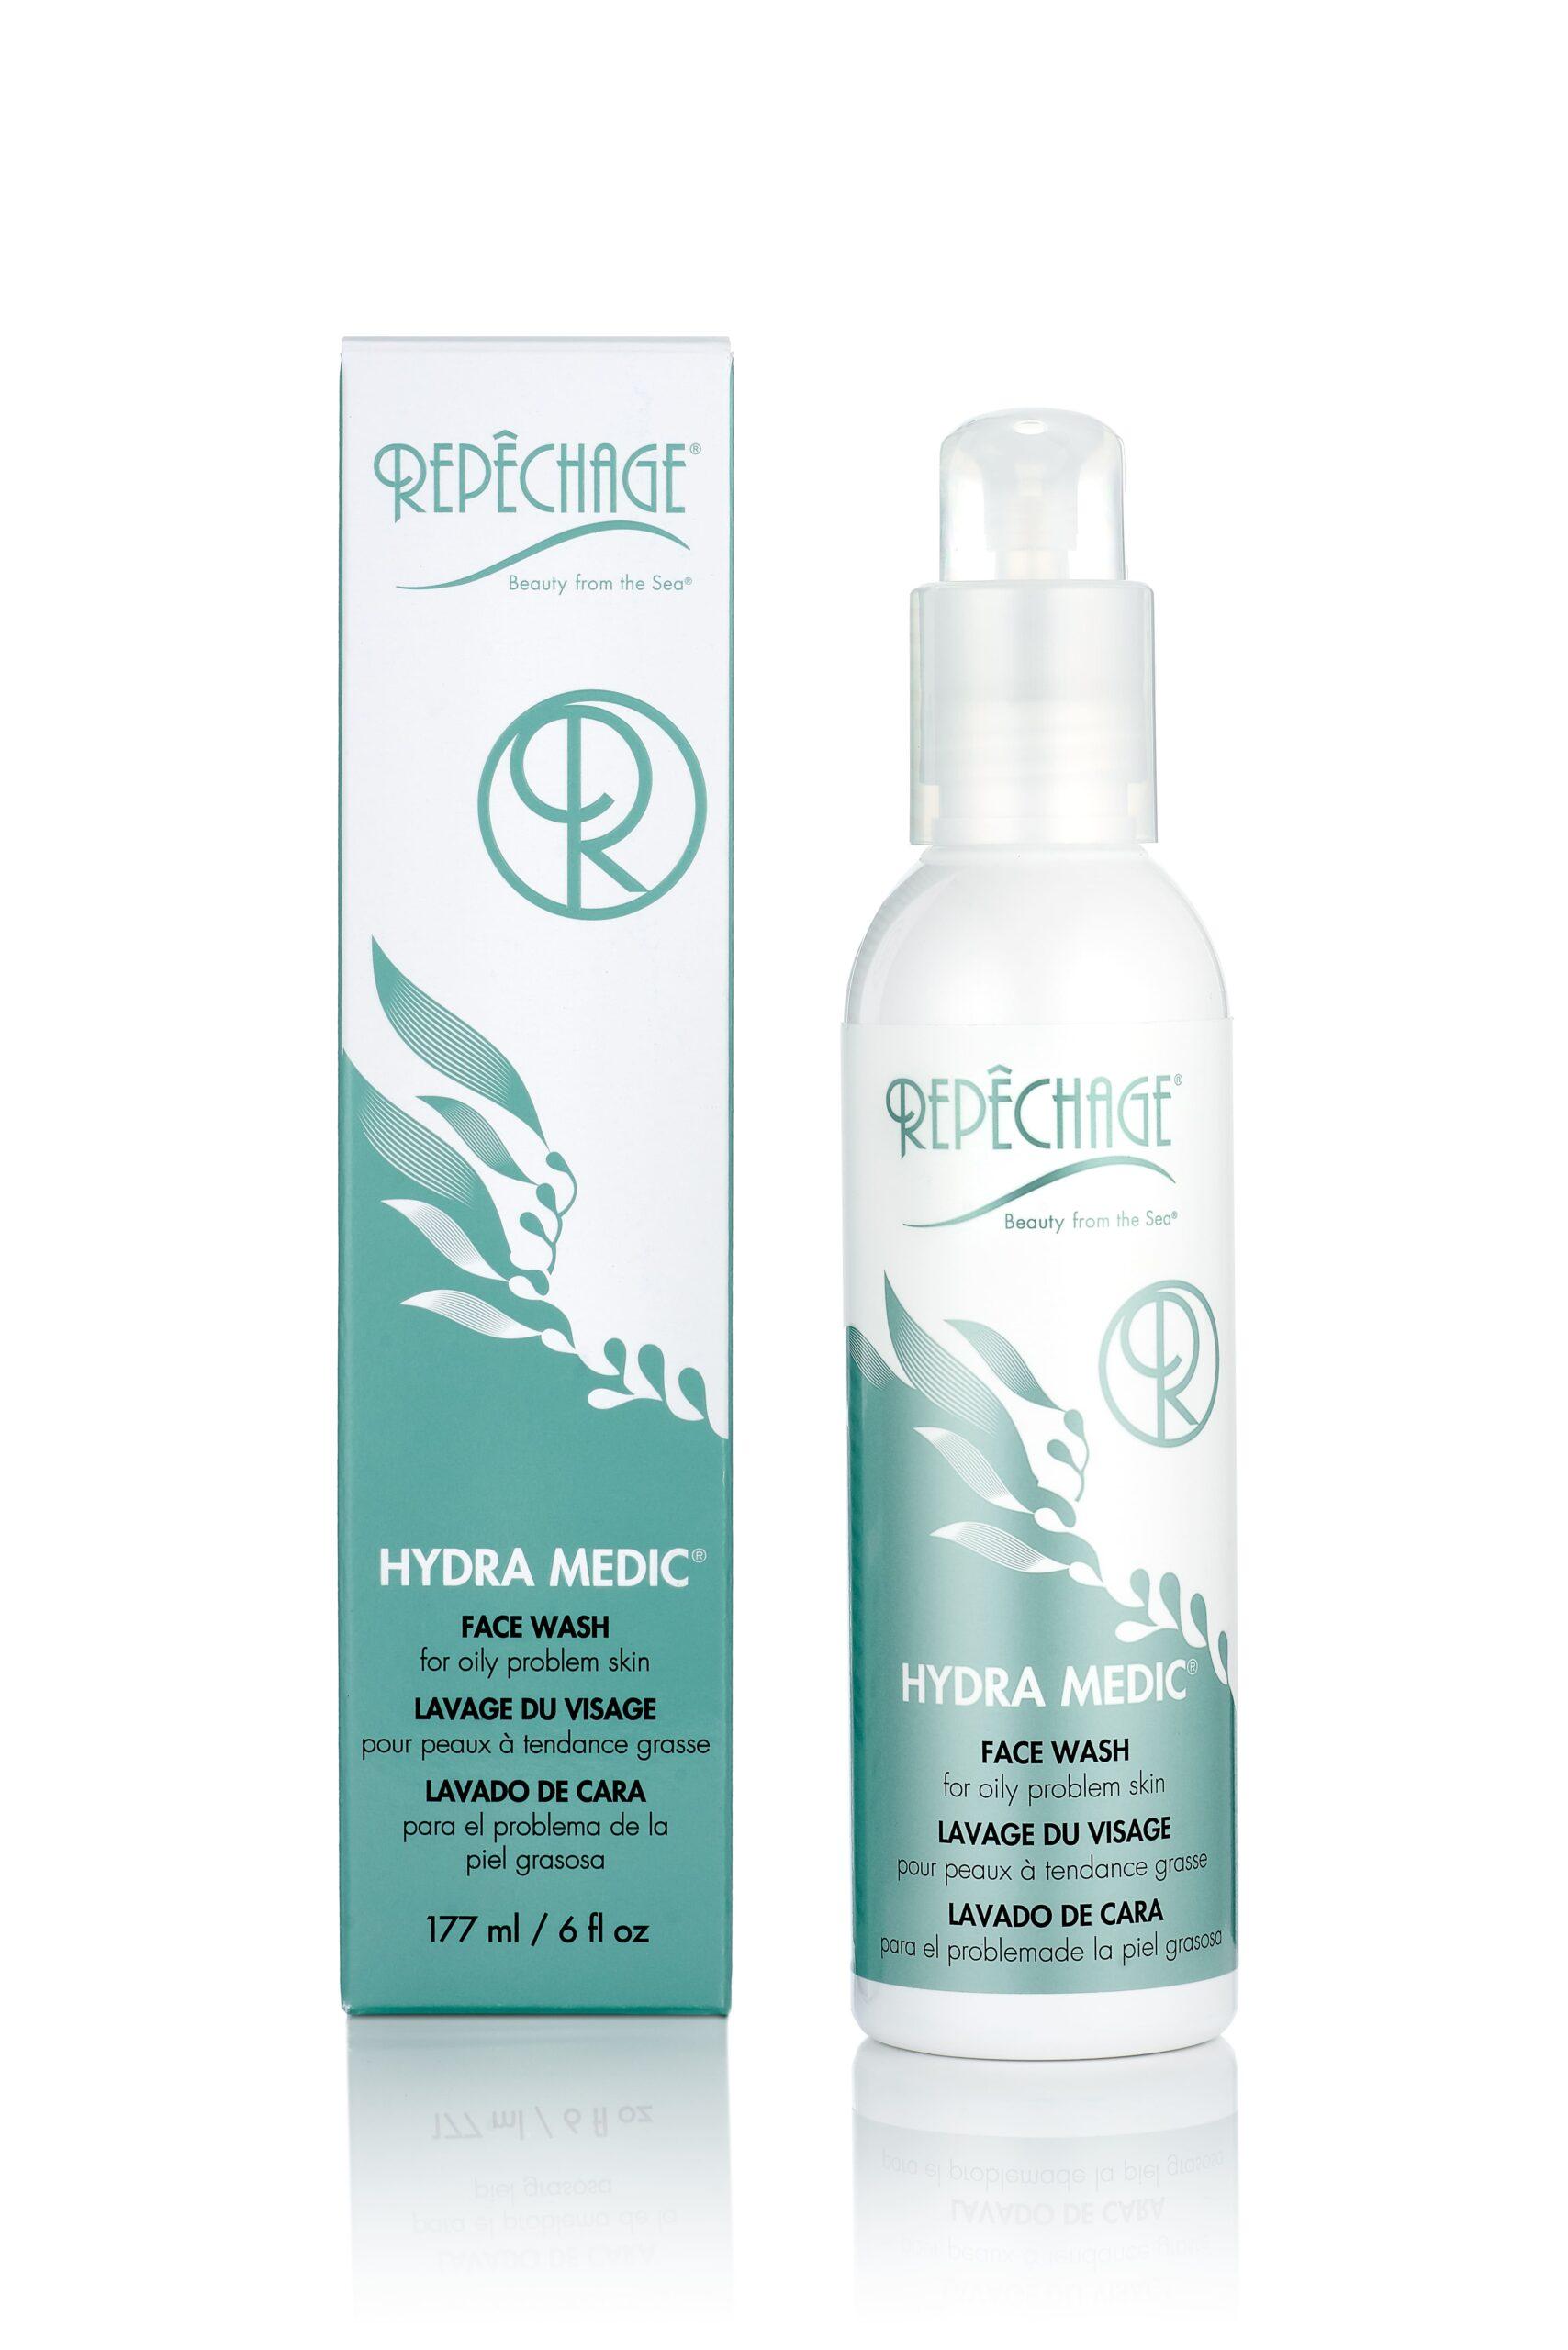 HYDRA MEDIC FACE WASH FOAMING GEL